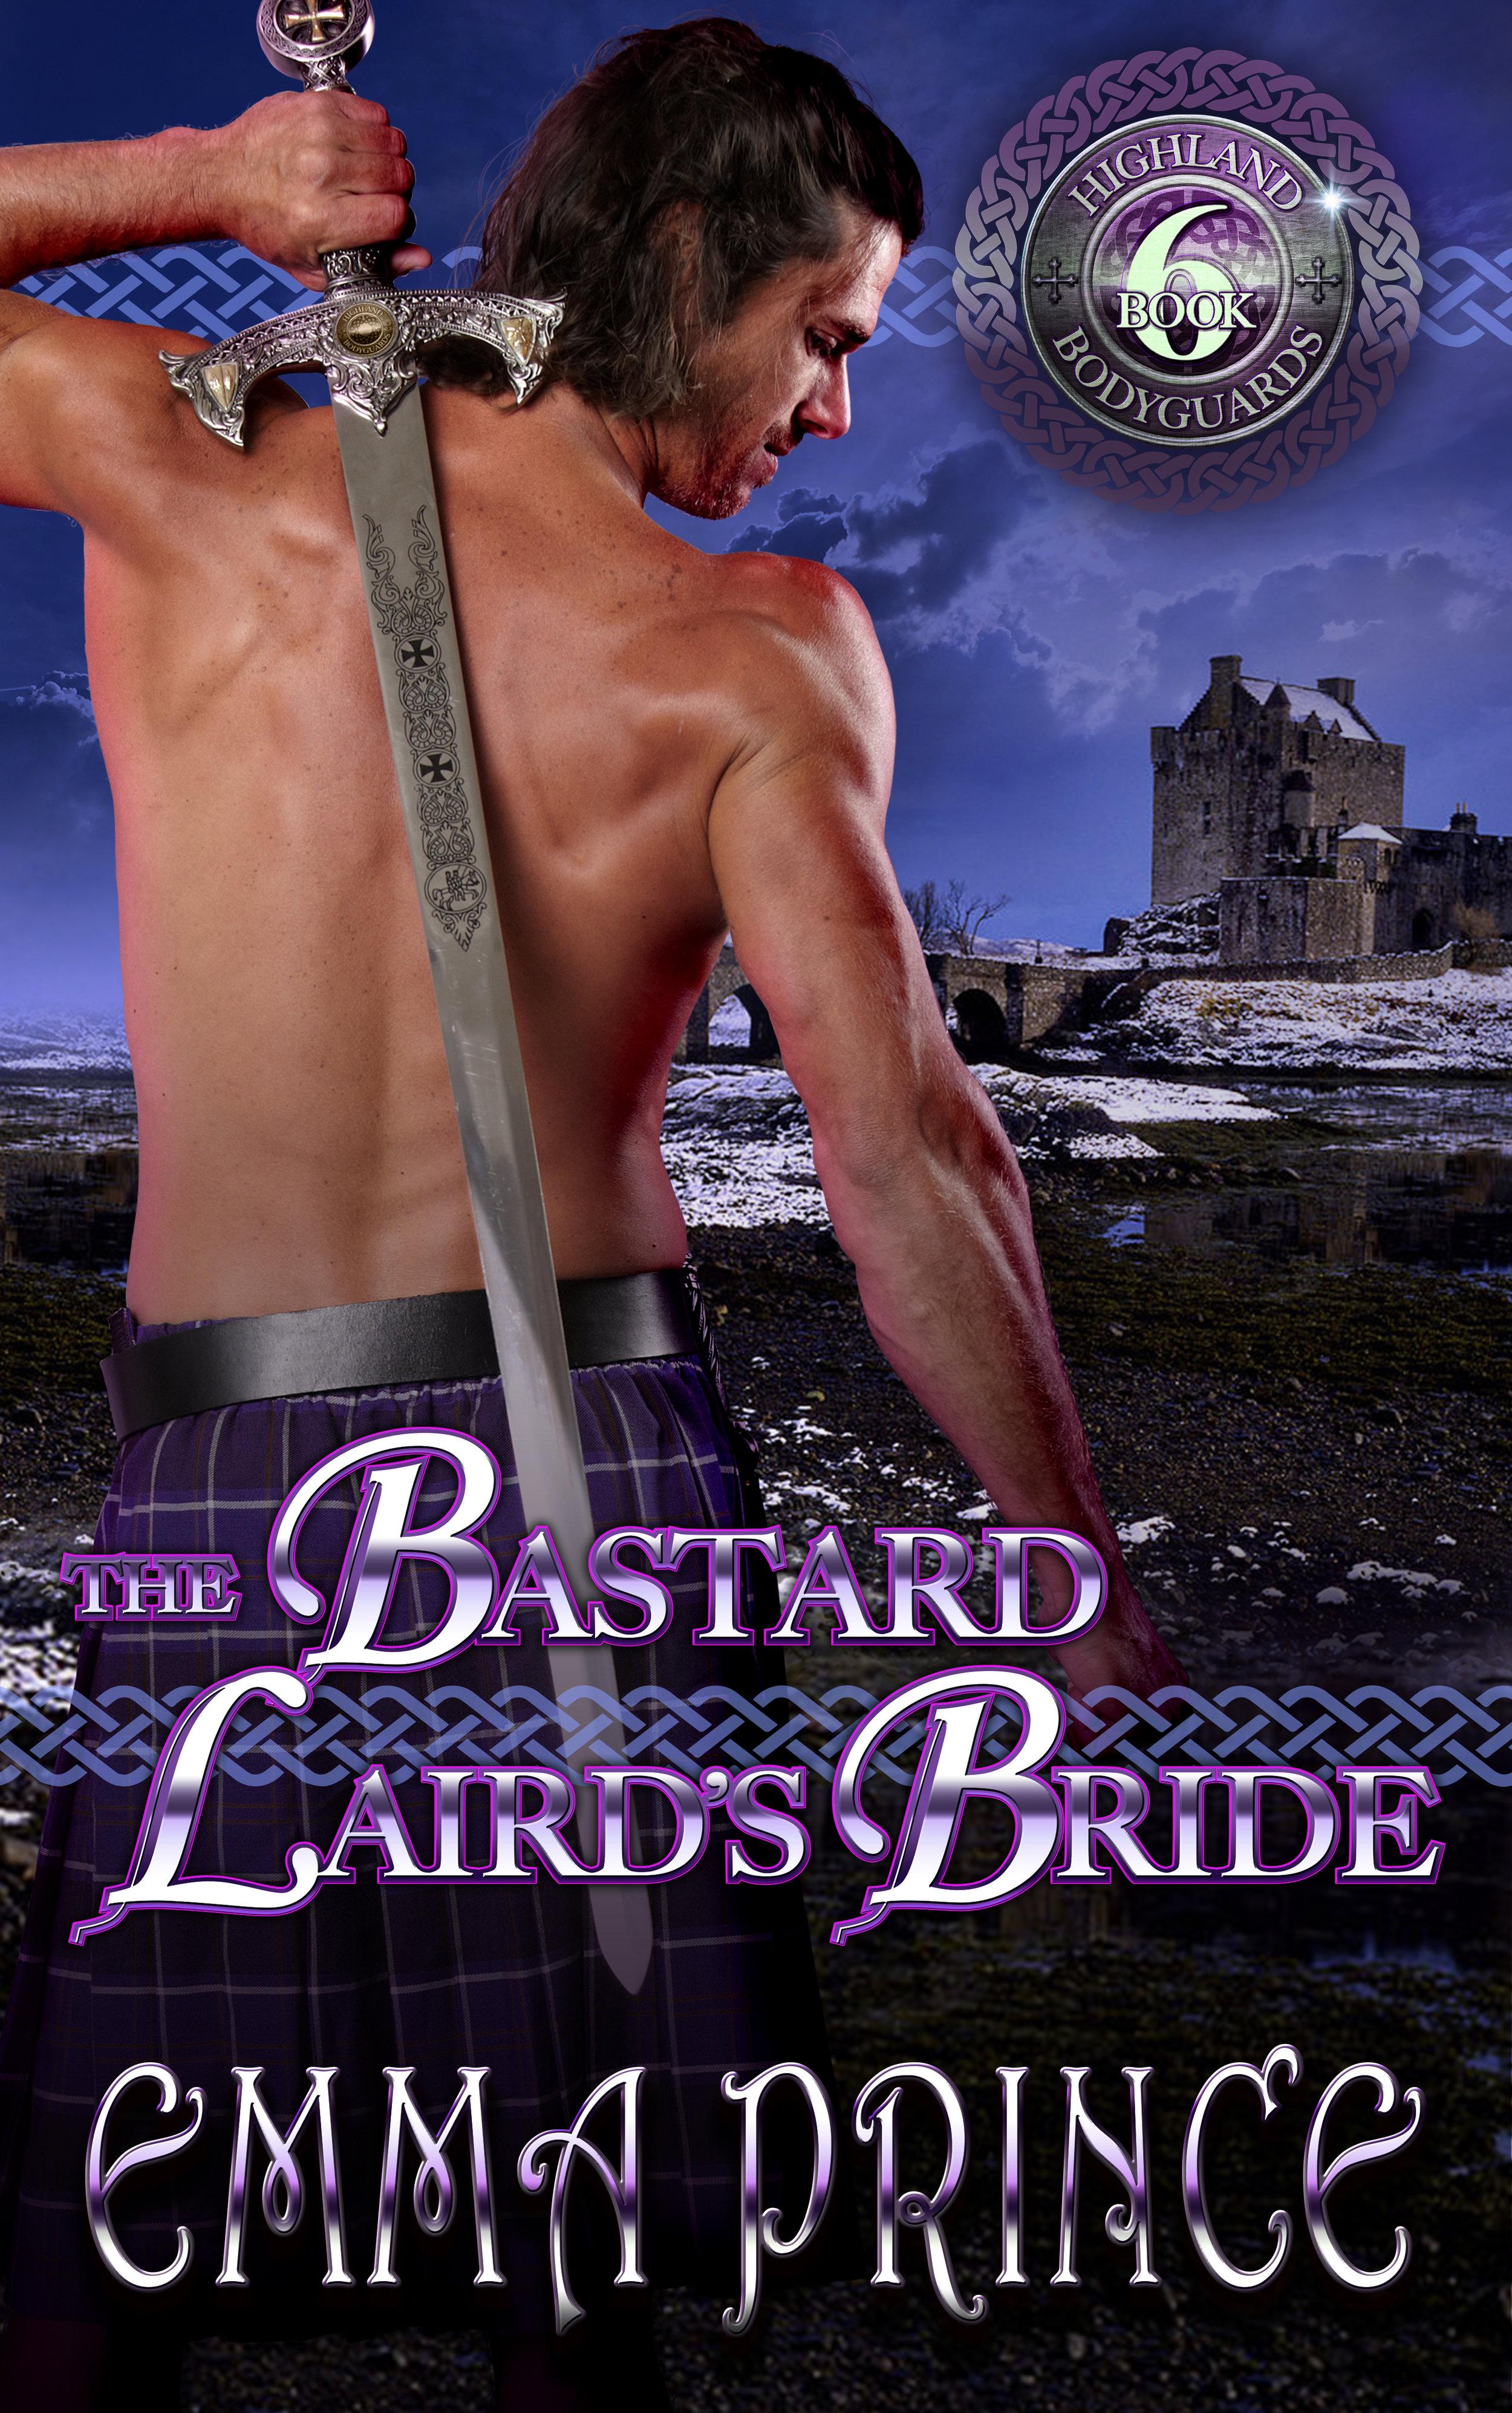 The Bastard Laird's Bride (Book 6)